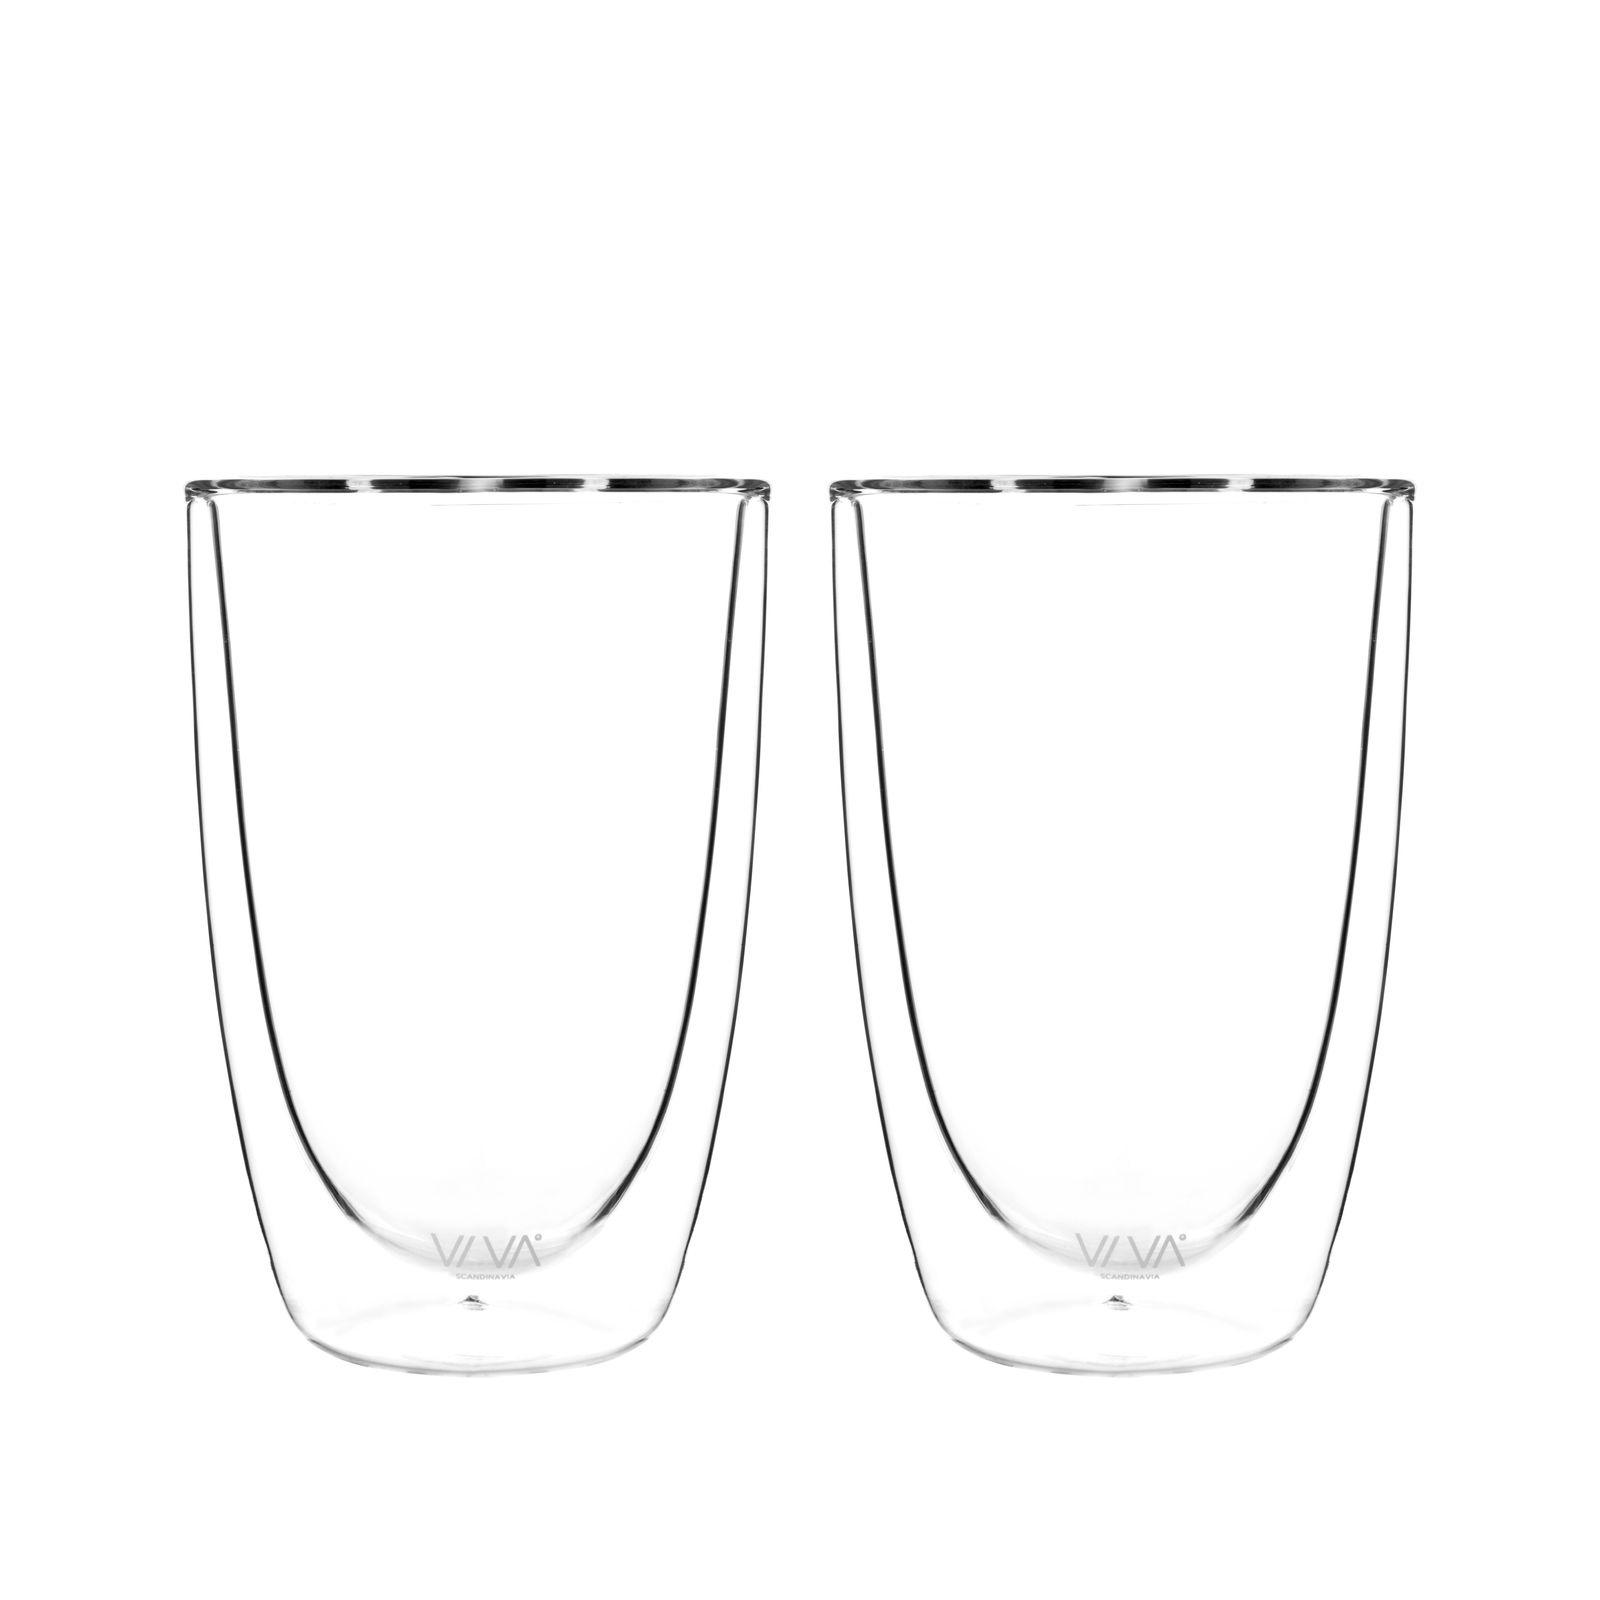 Viva Glas Dubbelwandig 390 ml Set van 2 Stuks